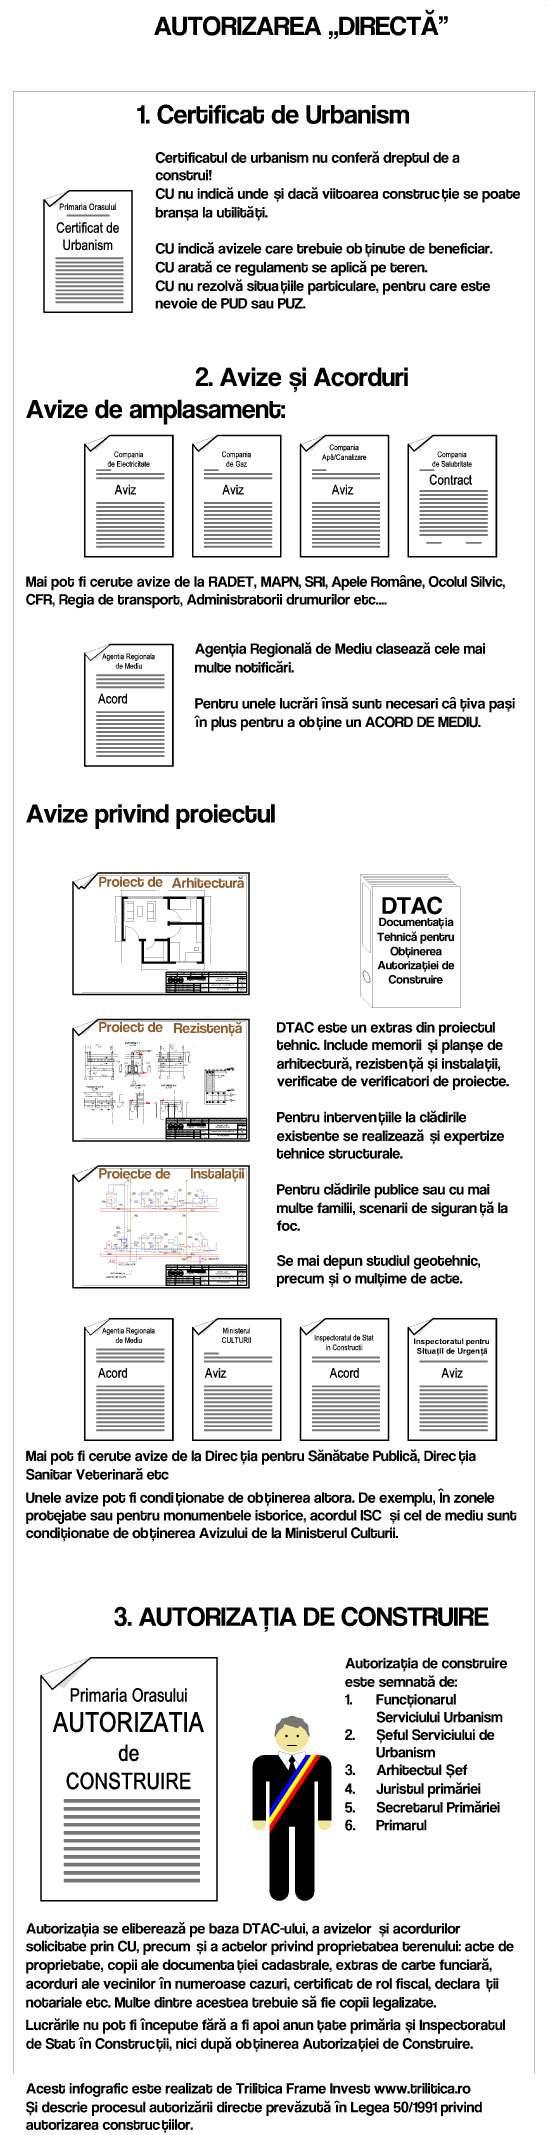 Autorizarea directă a construcțiilor în România